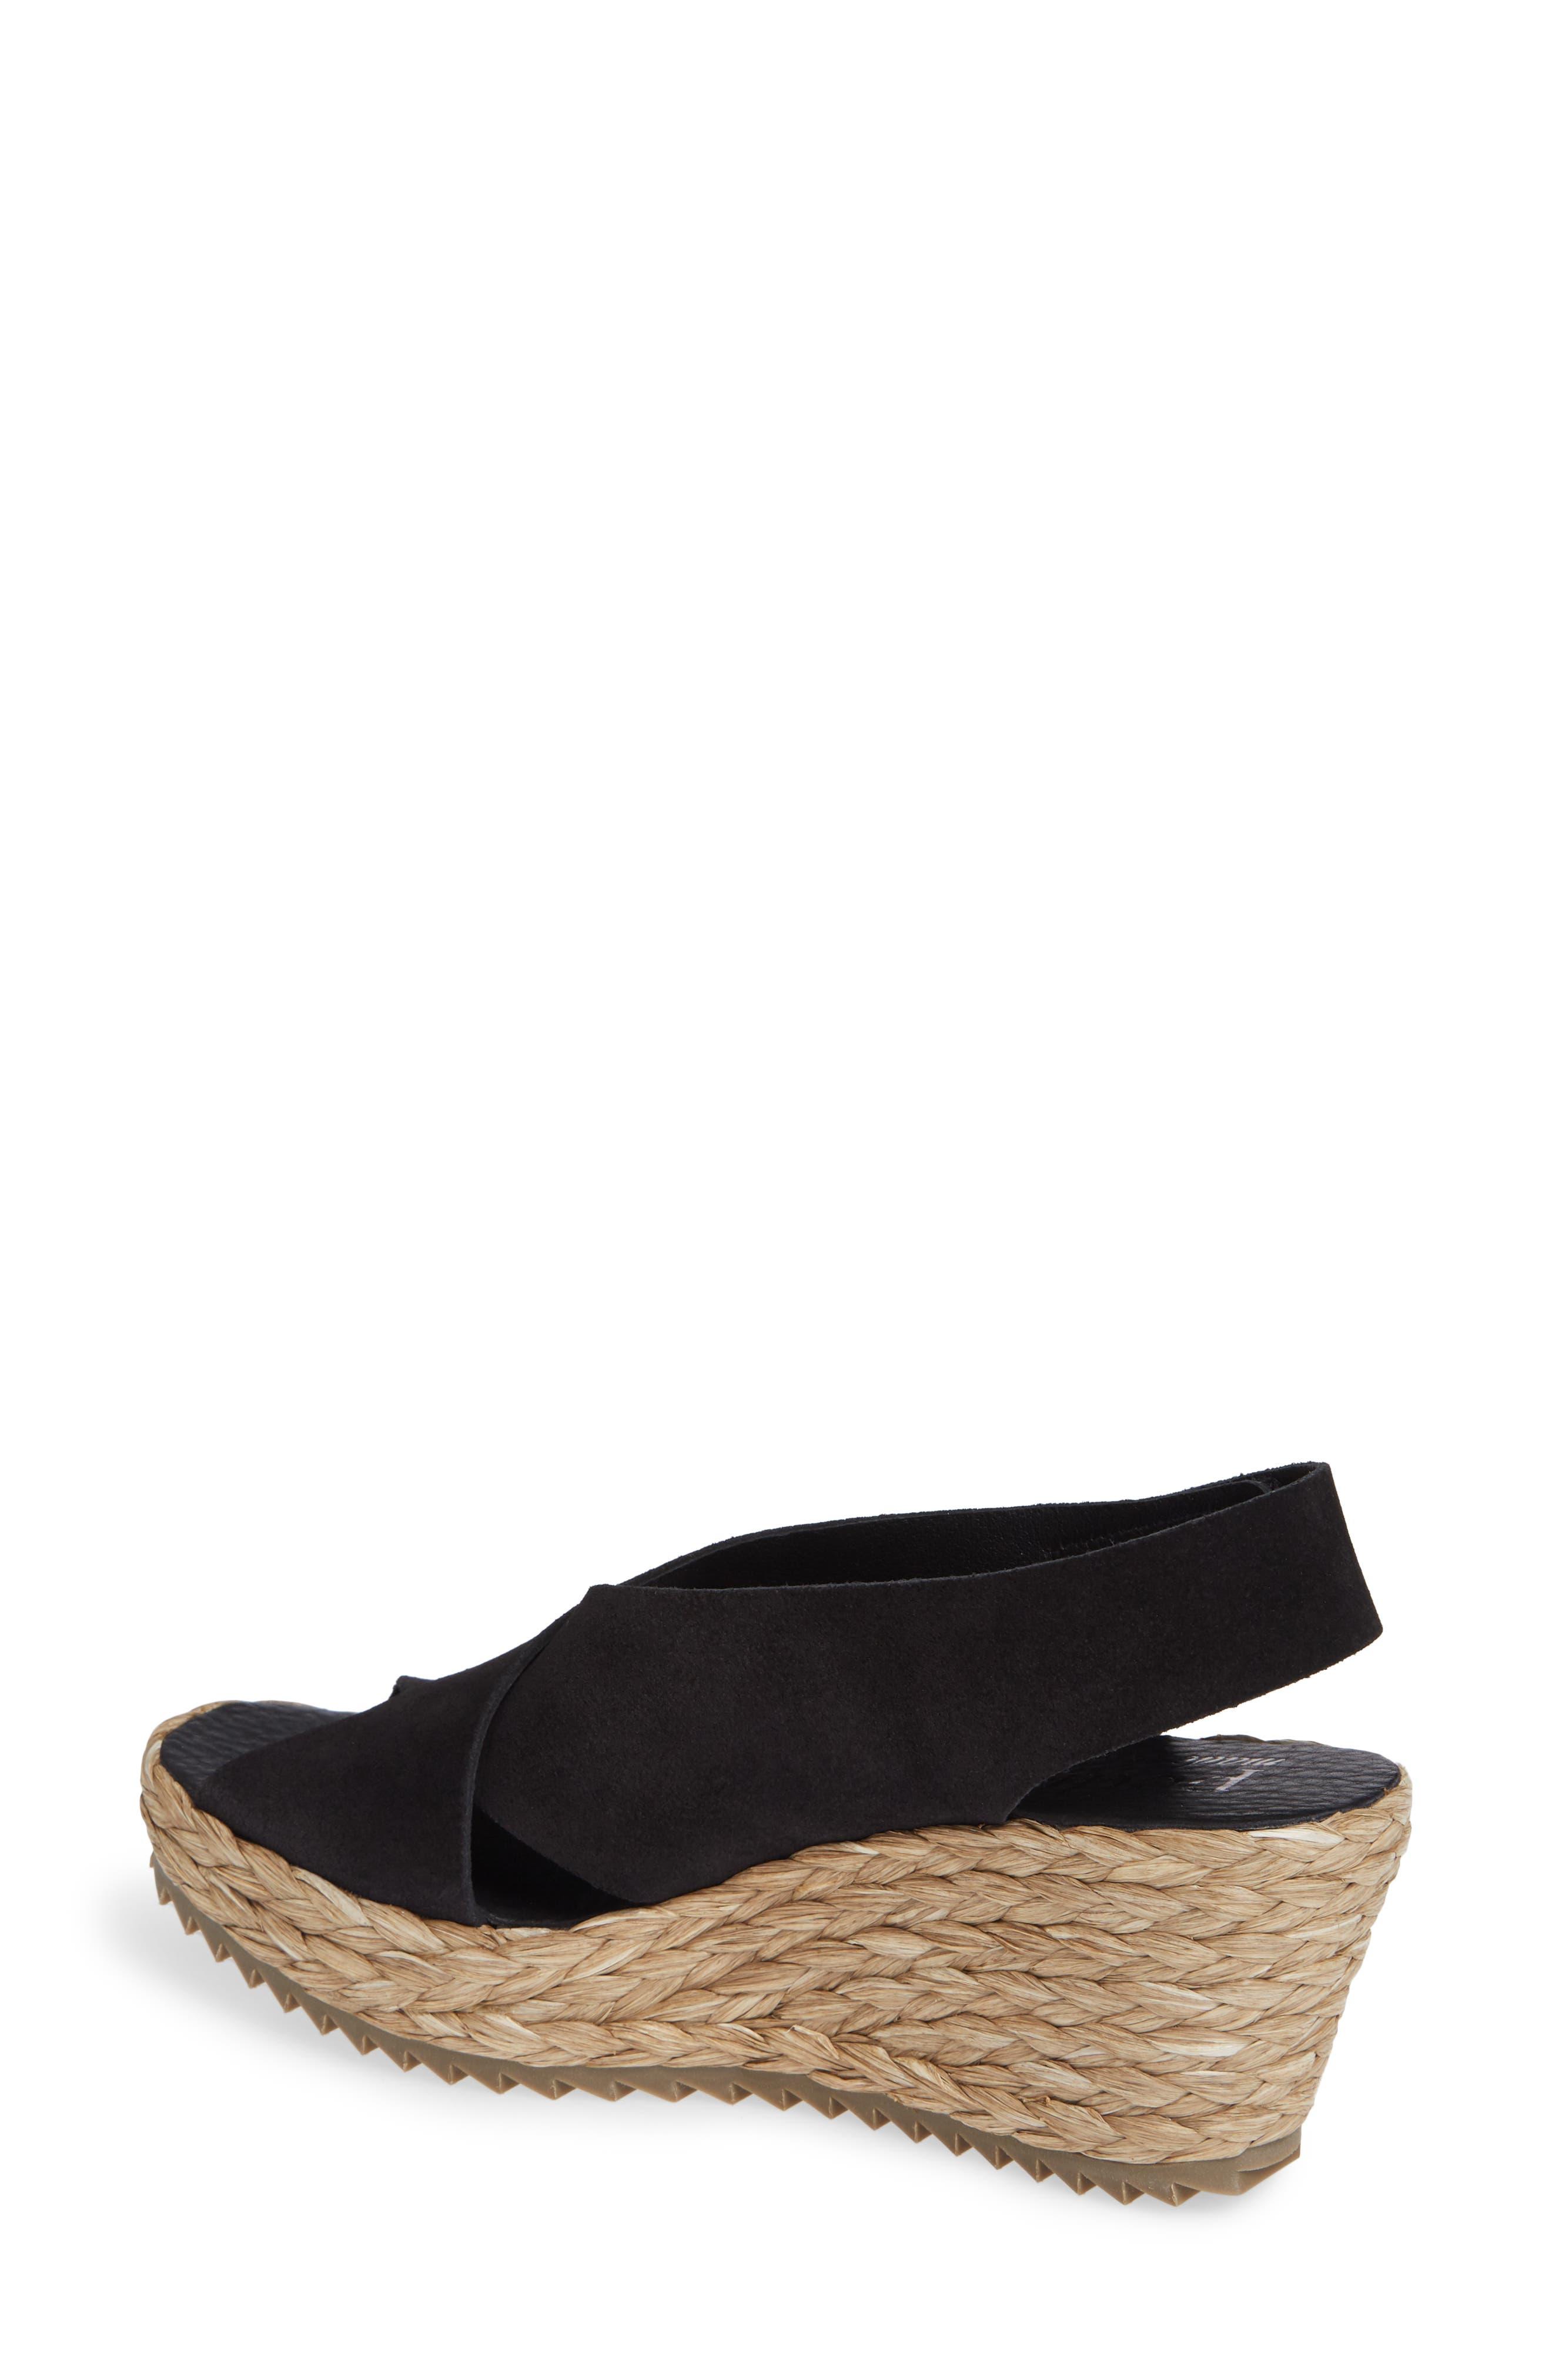 'Federica' Wedge Sandal,                             Alternate thumbnail 2, color,                             BLACK CASTORO/ RAFFIA